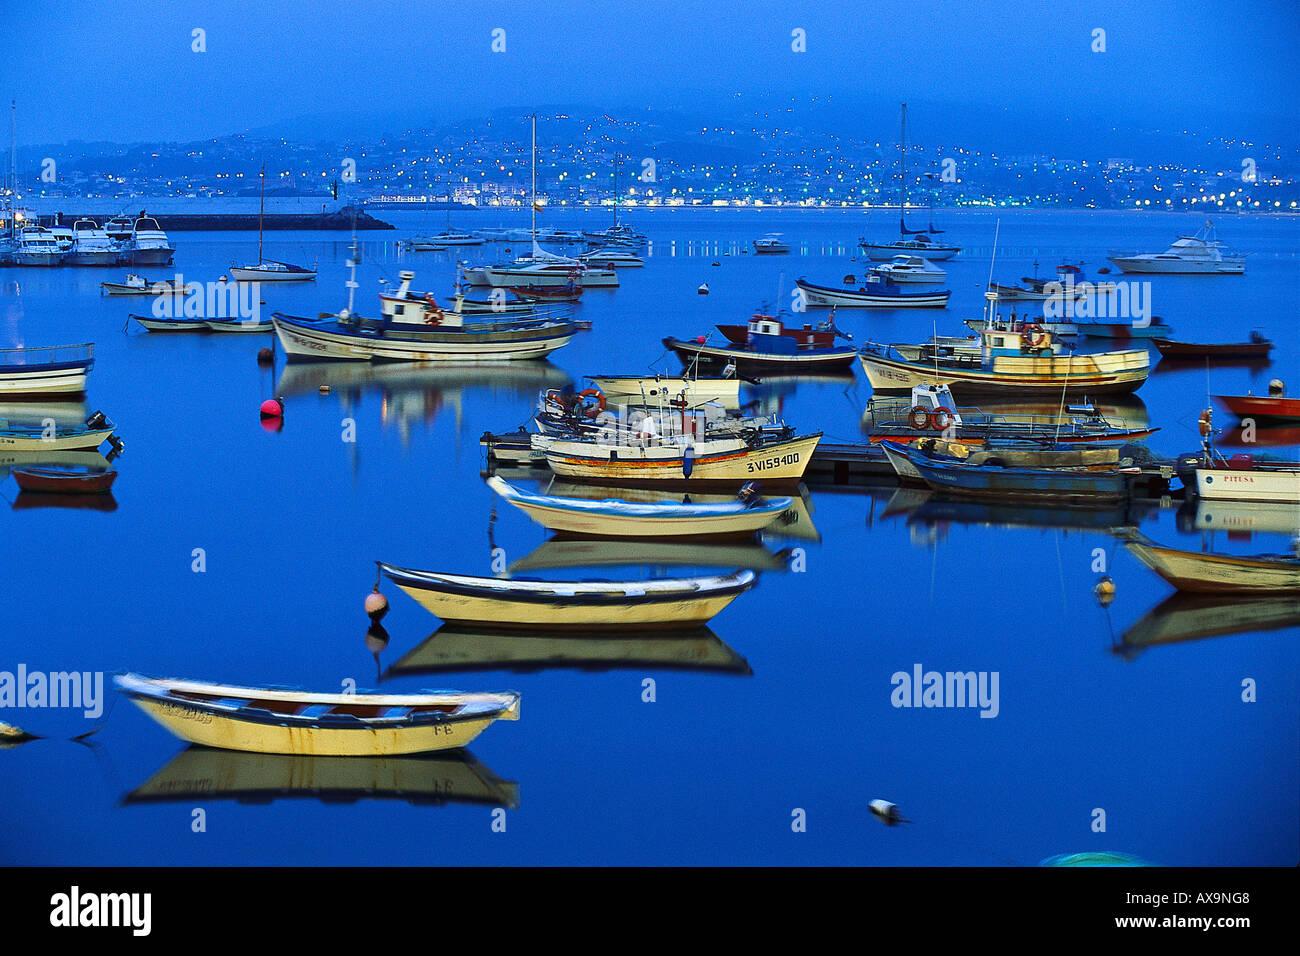 Los barcos de pesca en el puerto por la noche, a la Ría de Baiona, Pontevedra, Galicia, España Foto de stock